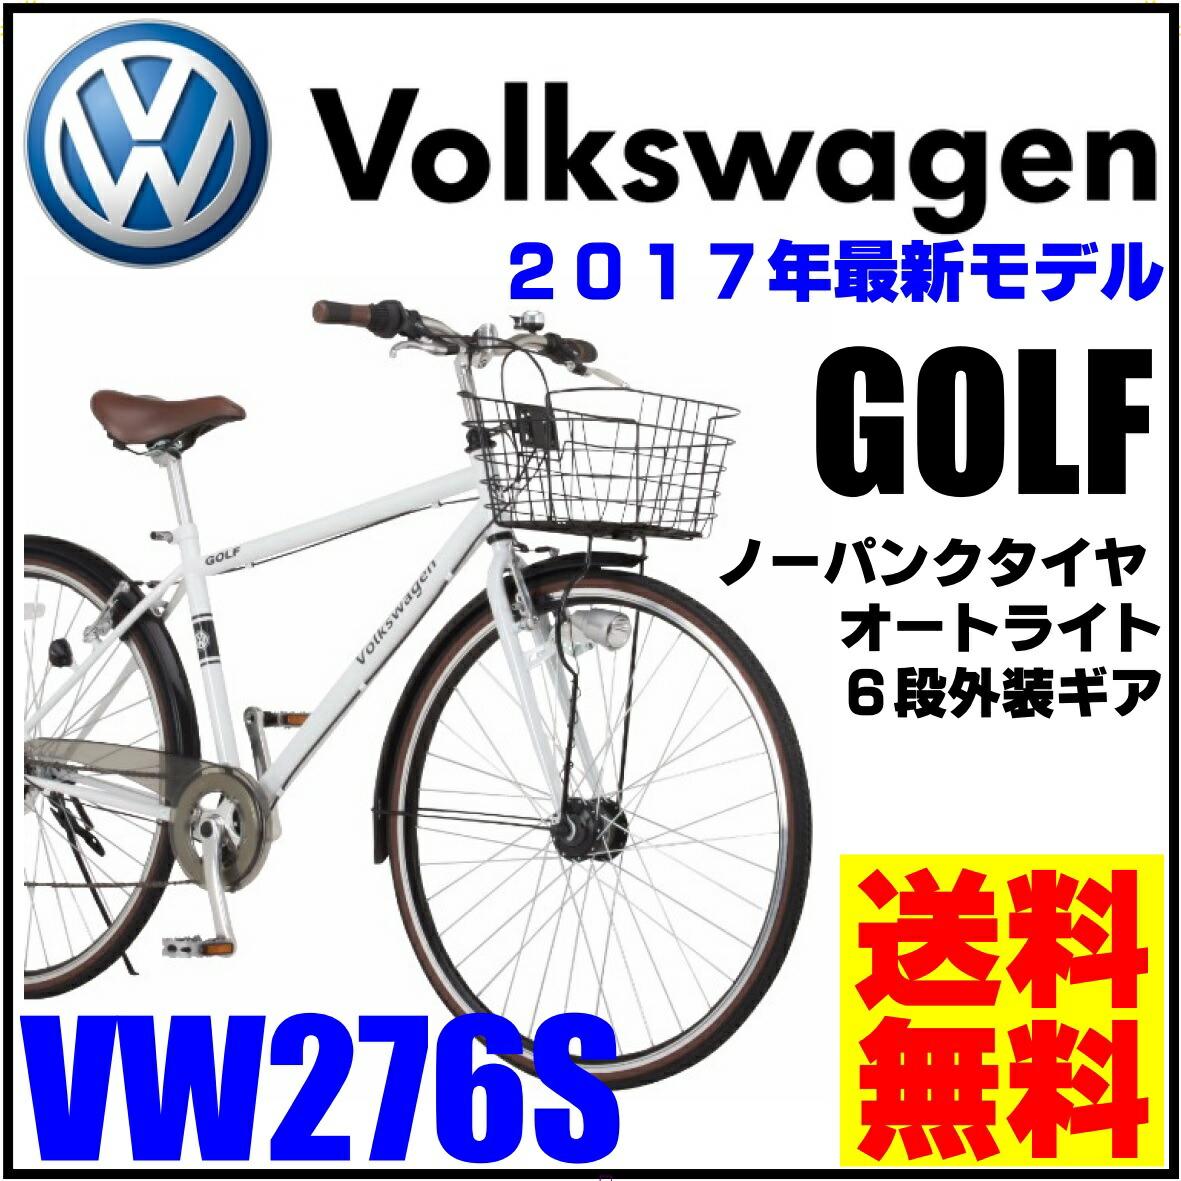 フォルクスワーゲン シティクロス Volkswagen 自転車 ホワイト 白700C 自転車 外装6段ギア フォルクスワーゲン ゴルフ VW-276S GOLF パンクしない自転車 オートライト